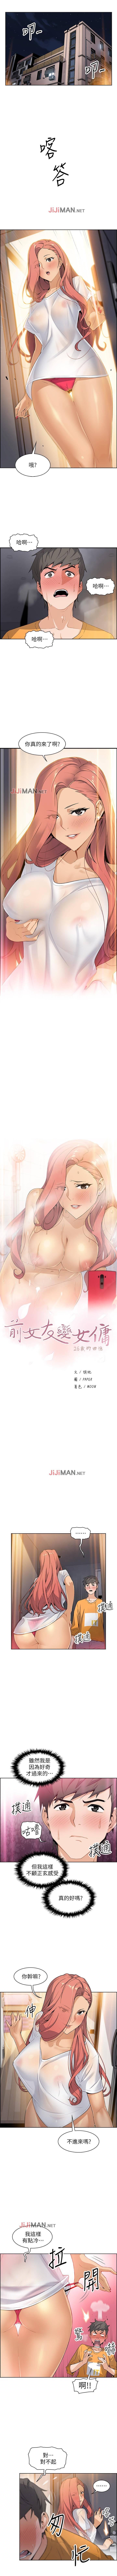 【周四连载】前女友变女佣(作者:PAPER&頸枕) 第1~33话 11